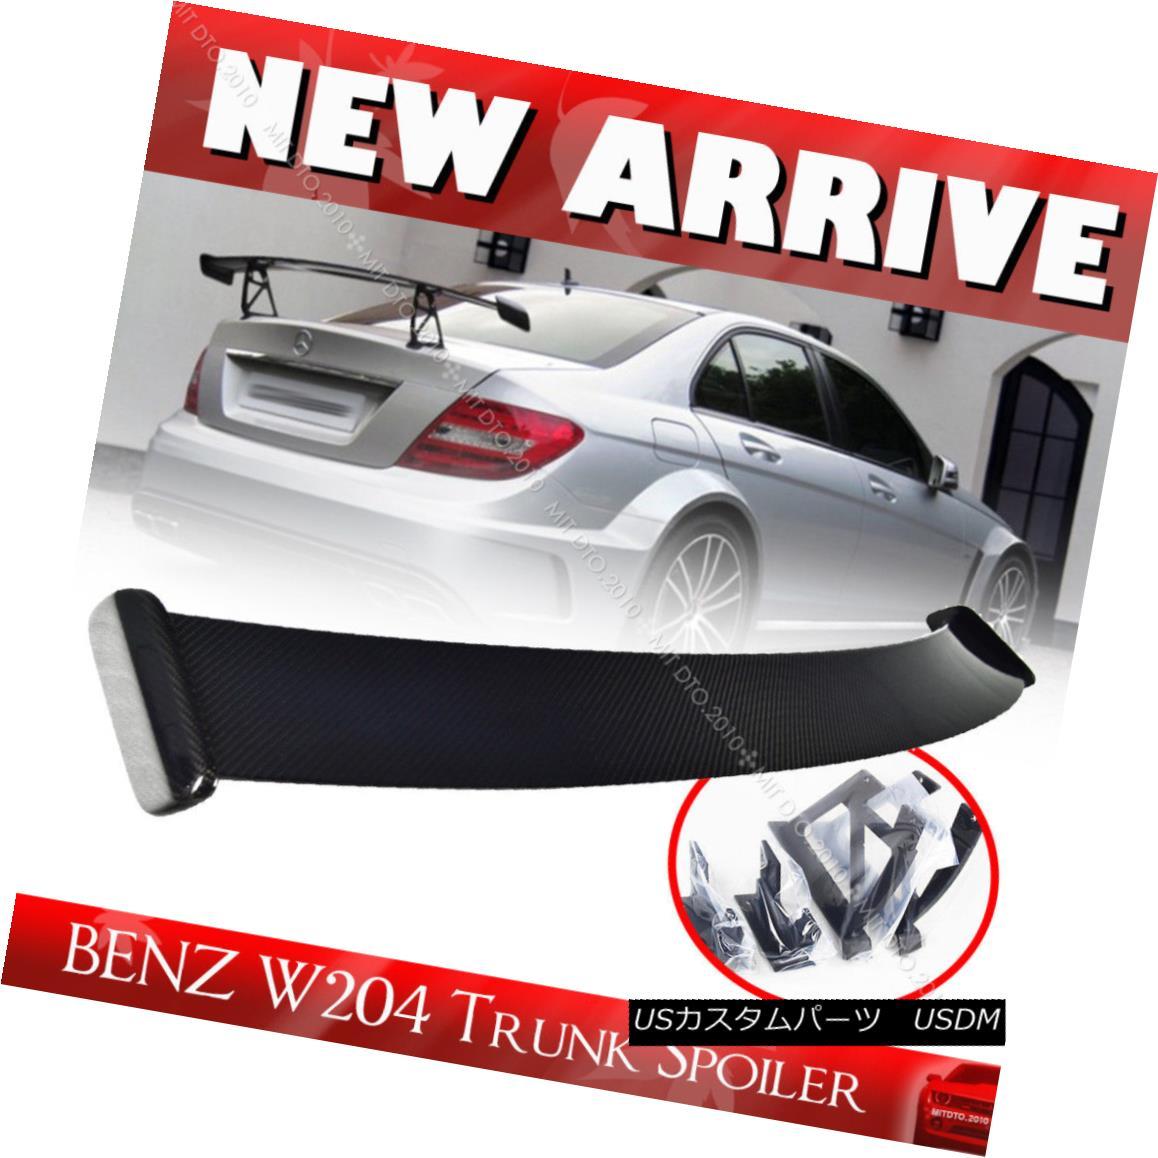 エアロパーツ Carbon Fiber Mercedes BENZ C Class W204 Black Series Trunk Spoiler SEDAN 13 炭素繊維メルセデスBENZ CクラスW204ブラックシリーズトランクスポイラーSEDAN 13